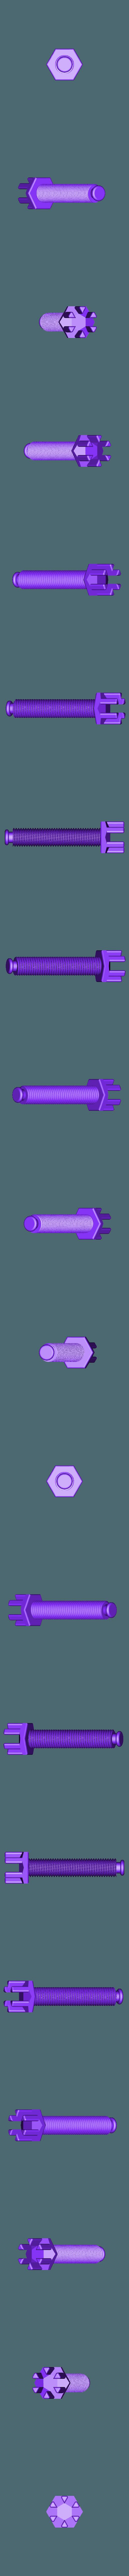 tail.stl Télécharger fichier STL gratuit Casse-Noisette Phage • Objet pour impression 3D, fuco